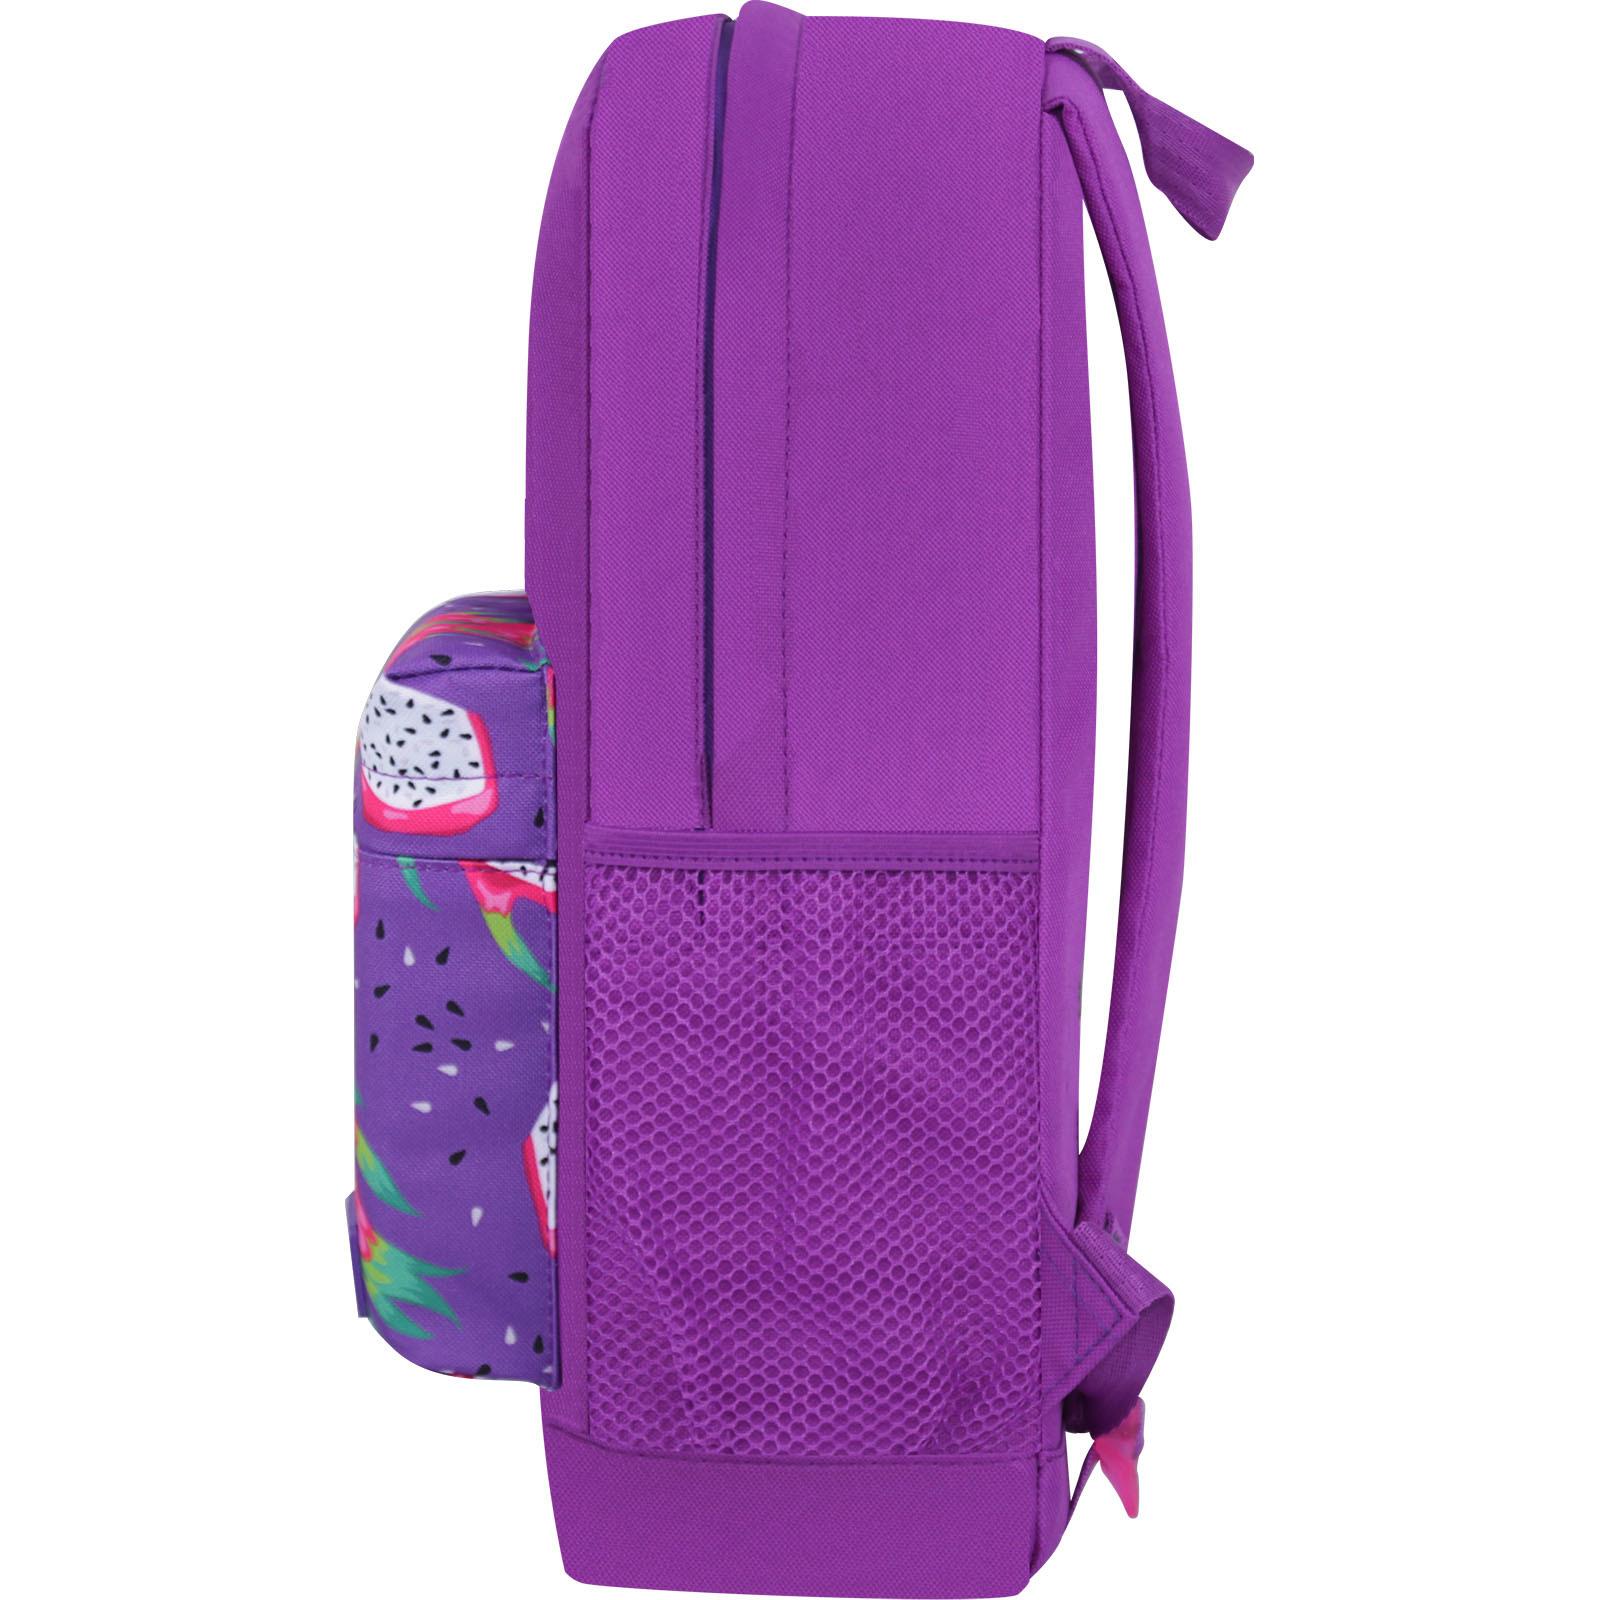 Рюкзак Bagland Молодежный W/R 17 л. 170 Фиолетовый 759 (00533662) фото 3